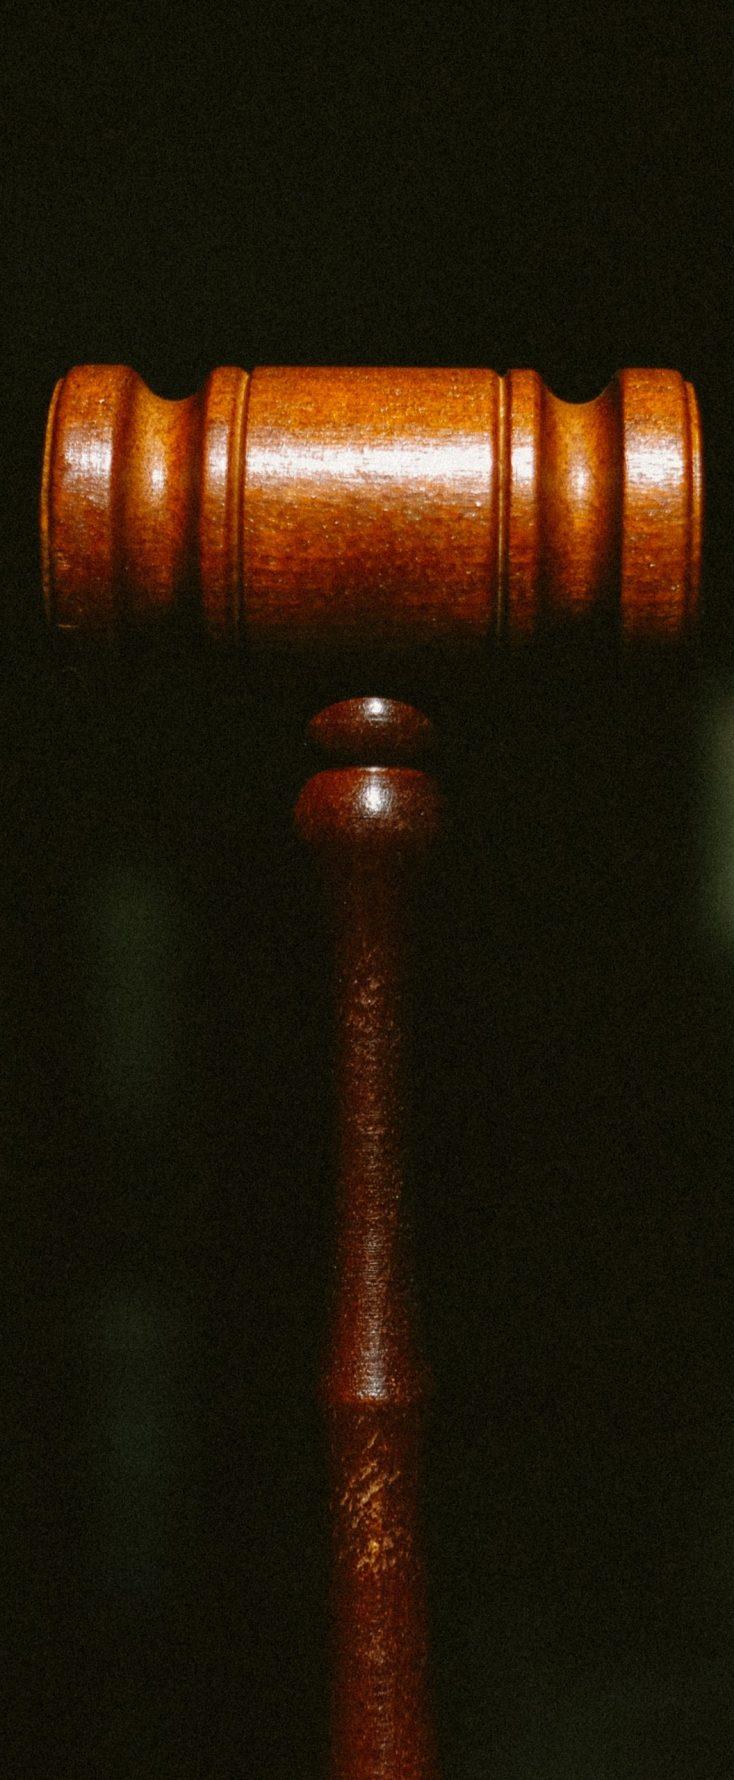 tingey-injury-law-firm-S2rcAJbBxX0-unsplash